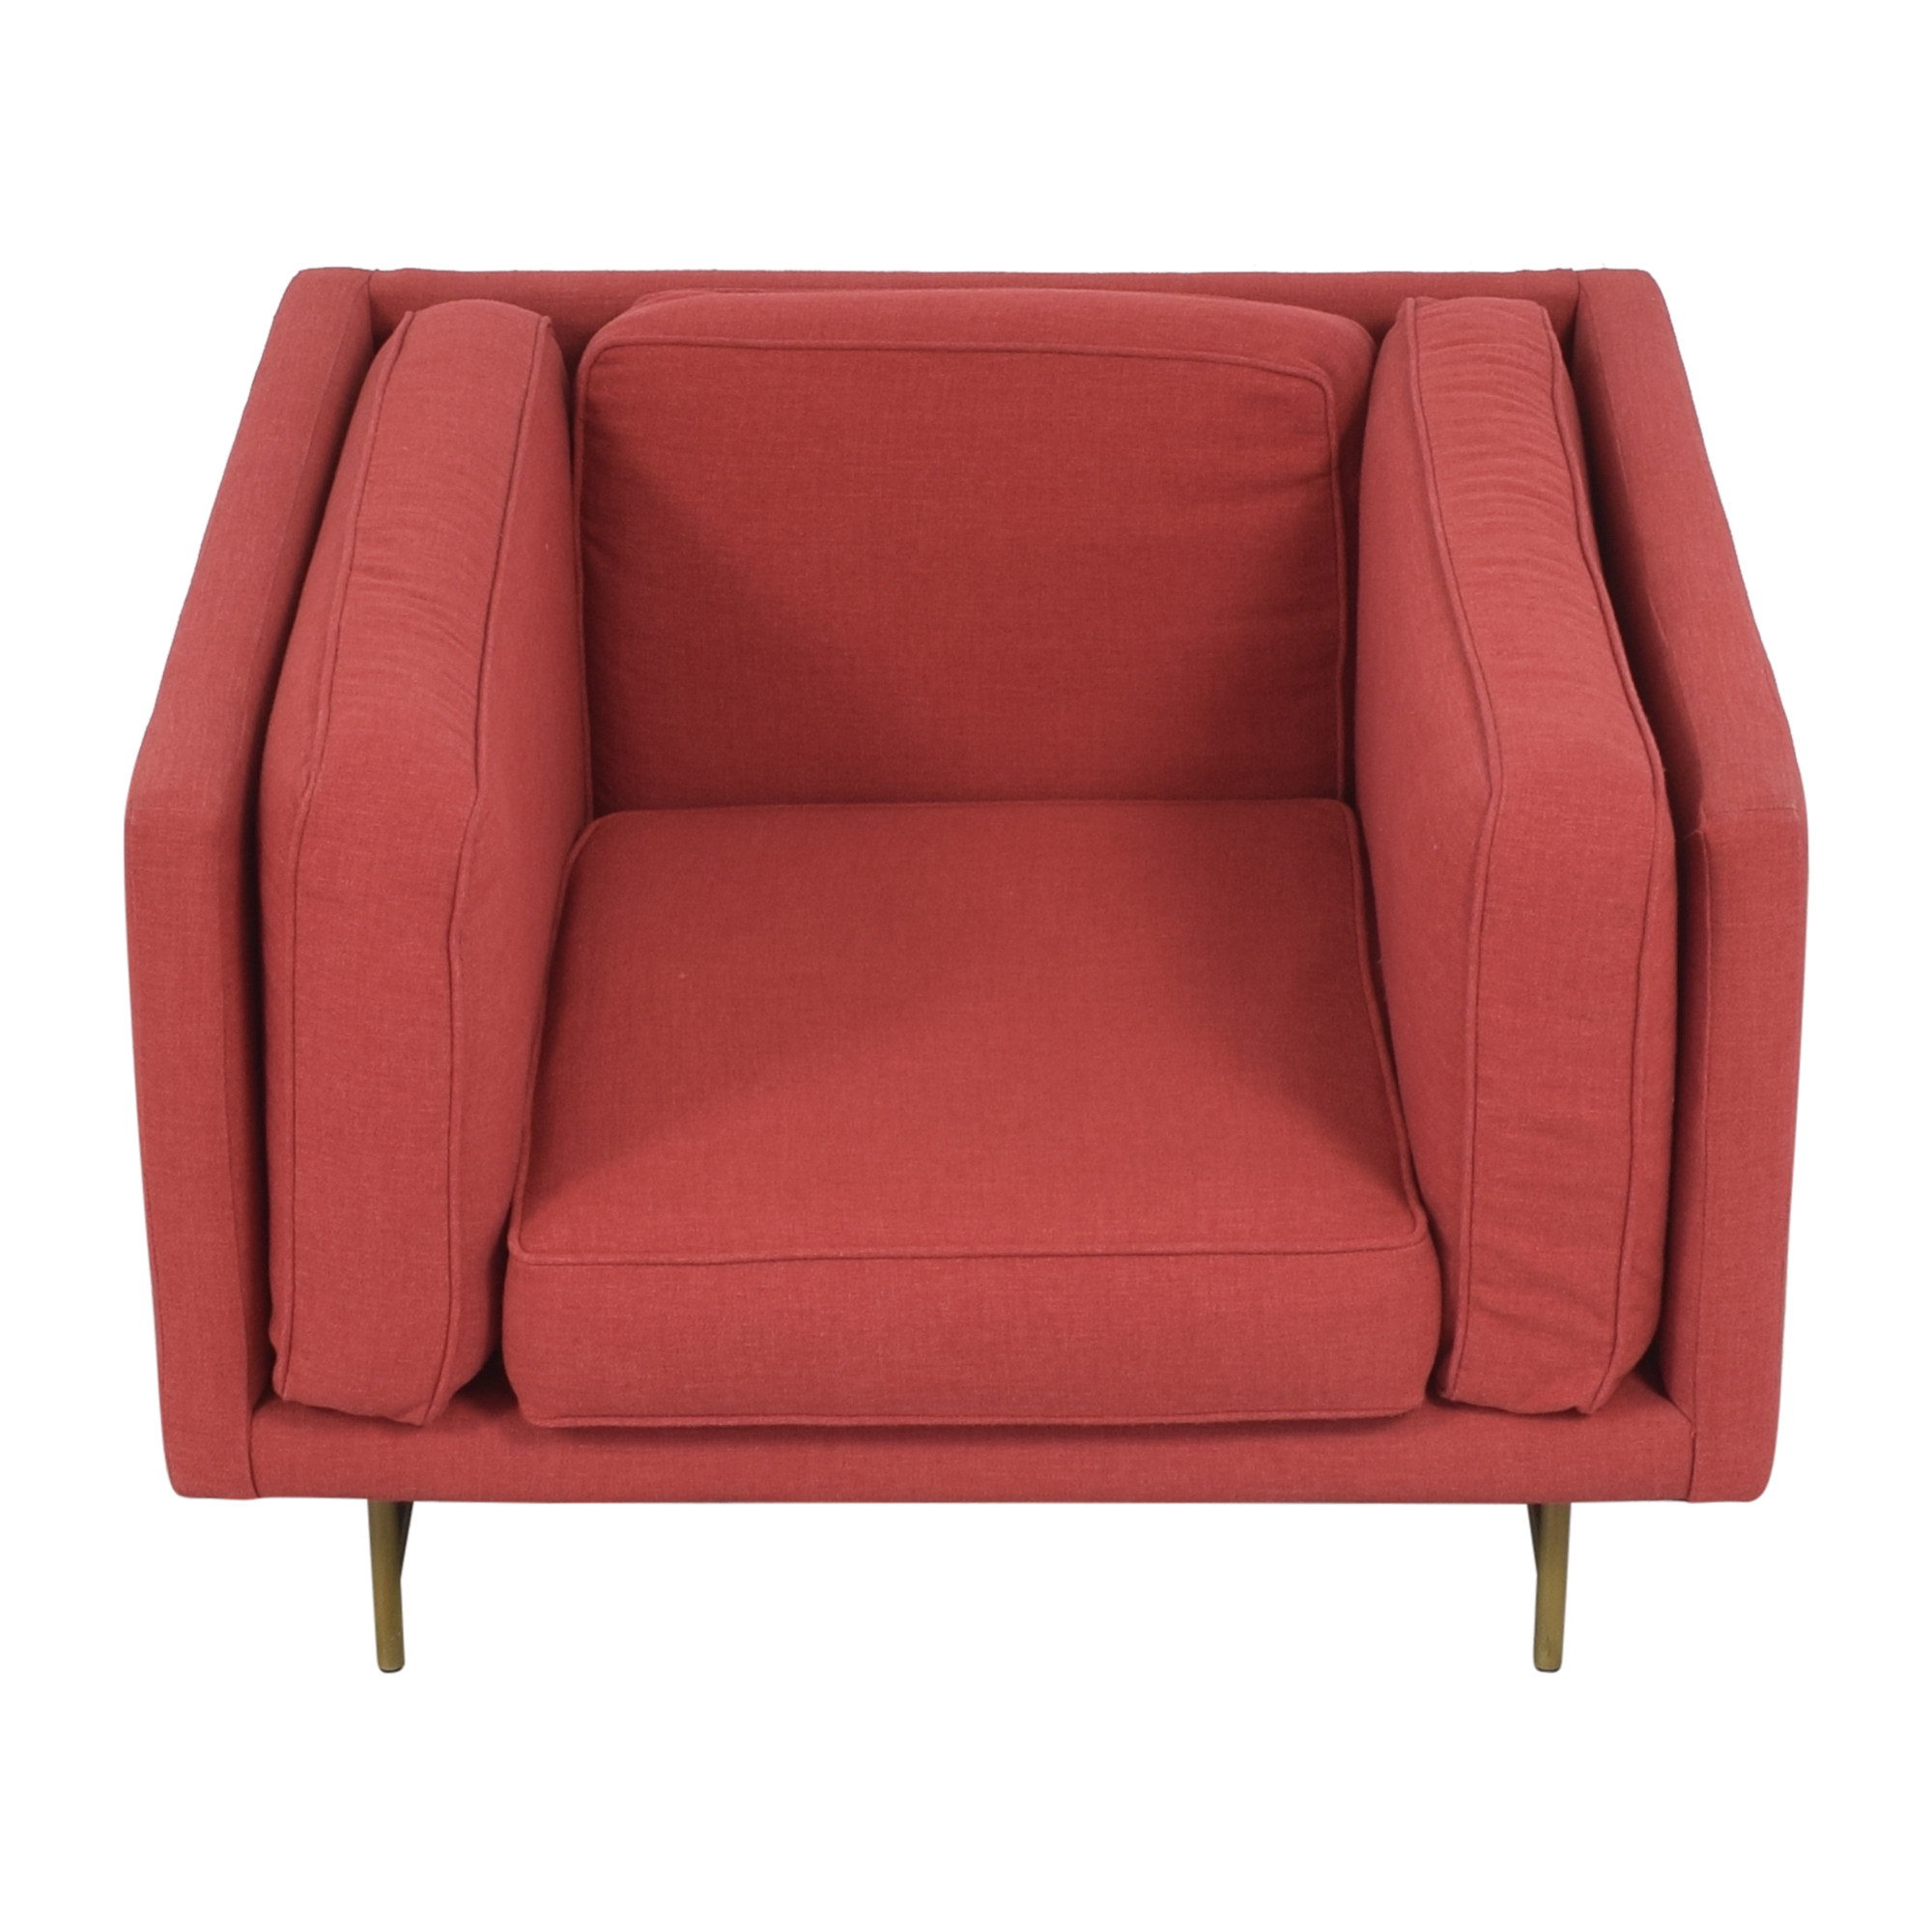 Blu Dot BluDot Bank Lounge Chair on sale